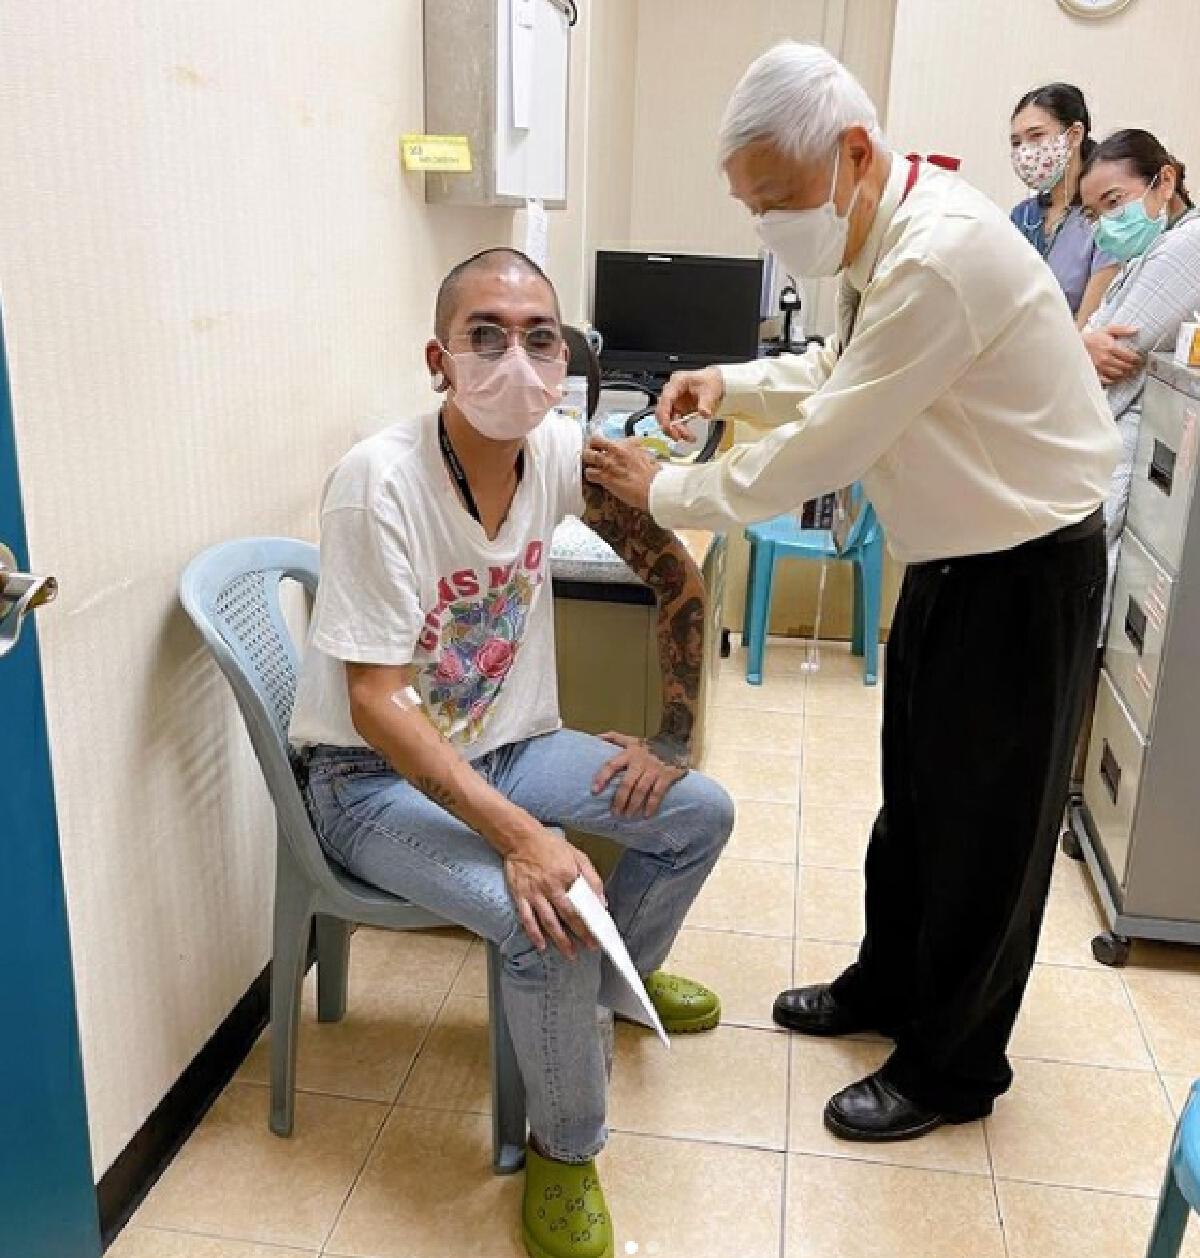 แจ๊ส ชวนชื่น เข้าฉีดวัคซีน พร้อมร่วมโครงการวิจัยของหมอยง